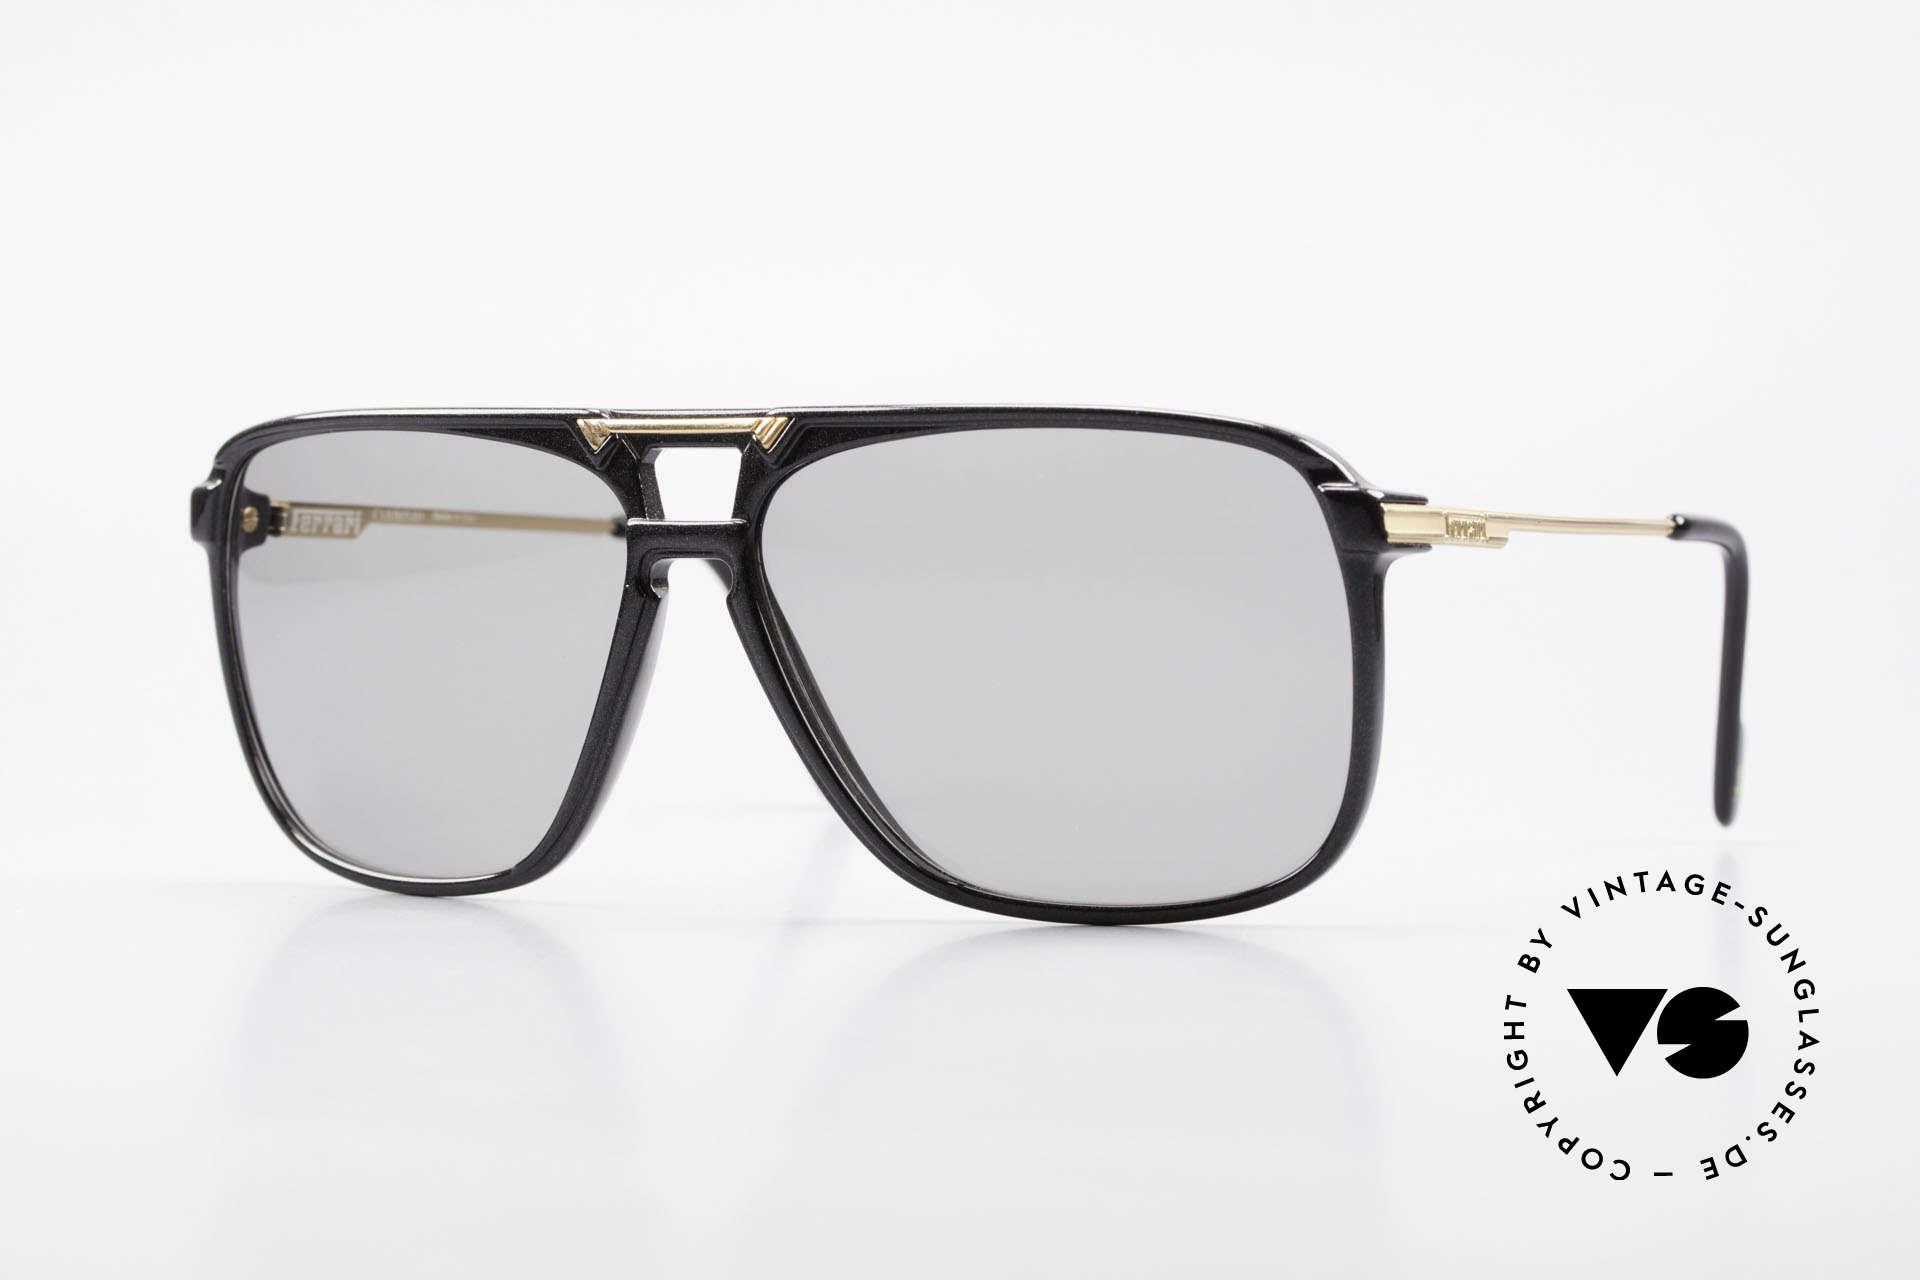 Ferrari F36/S Men's Carbon Sunglasses 90's, luxury carbon sunglasses by Ferrari from the 1990's, Made for Men